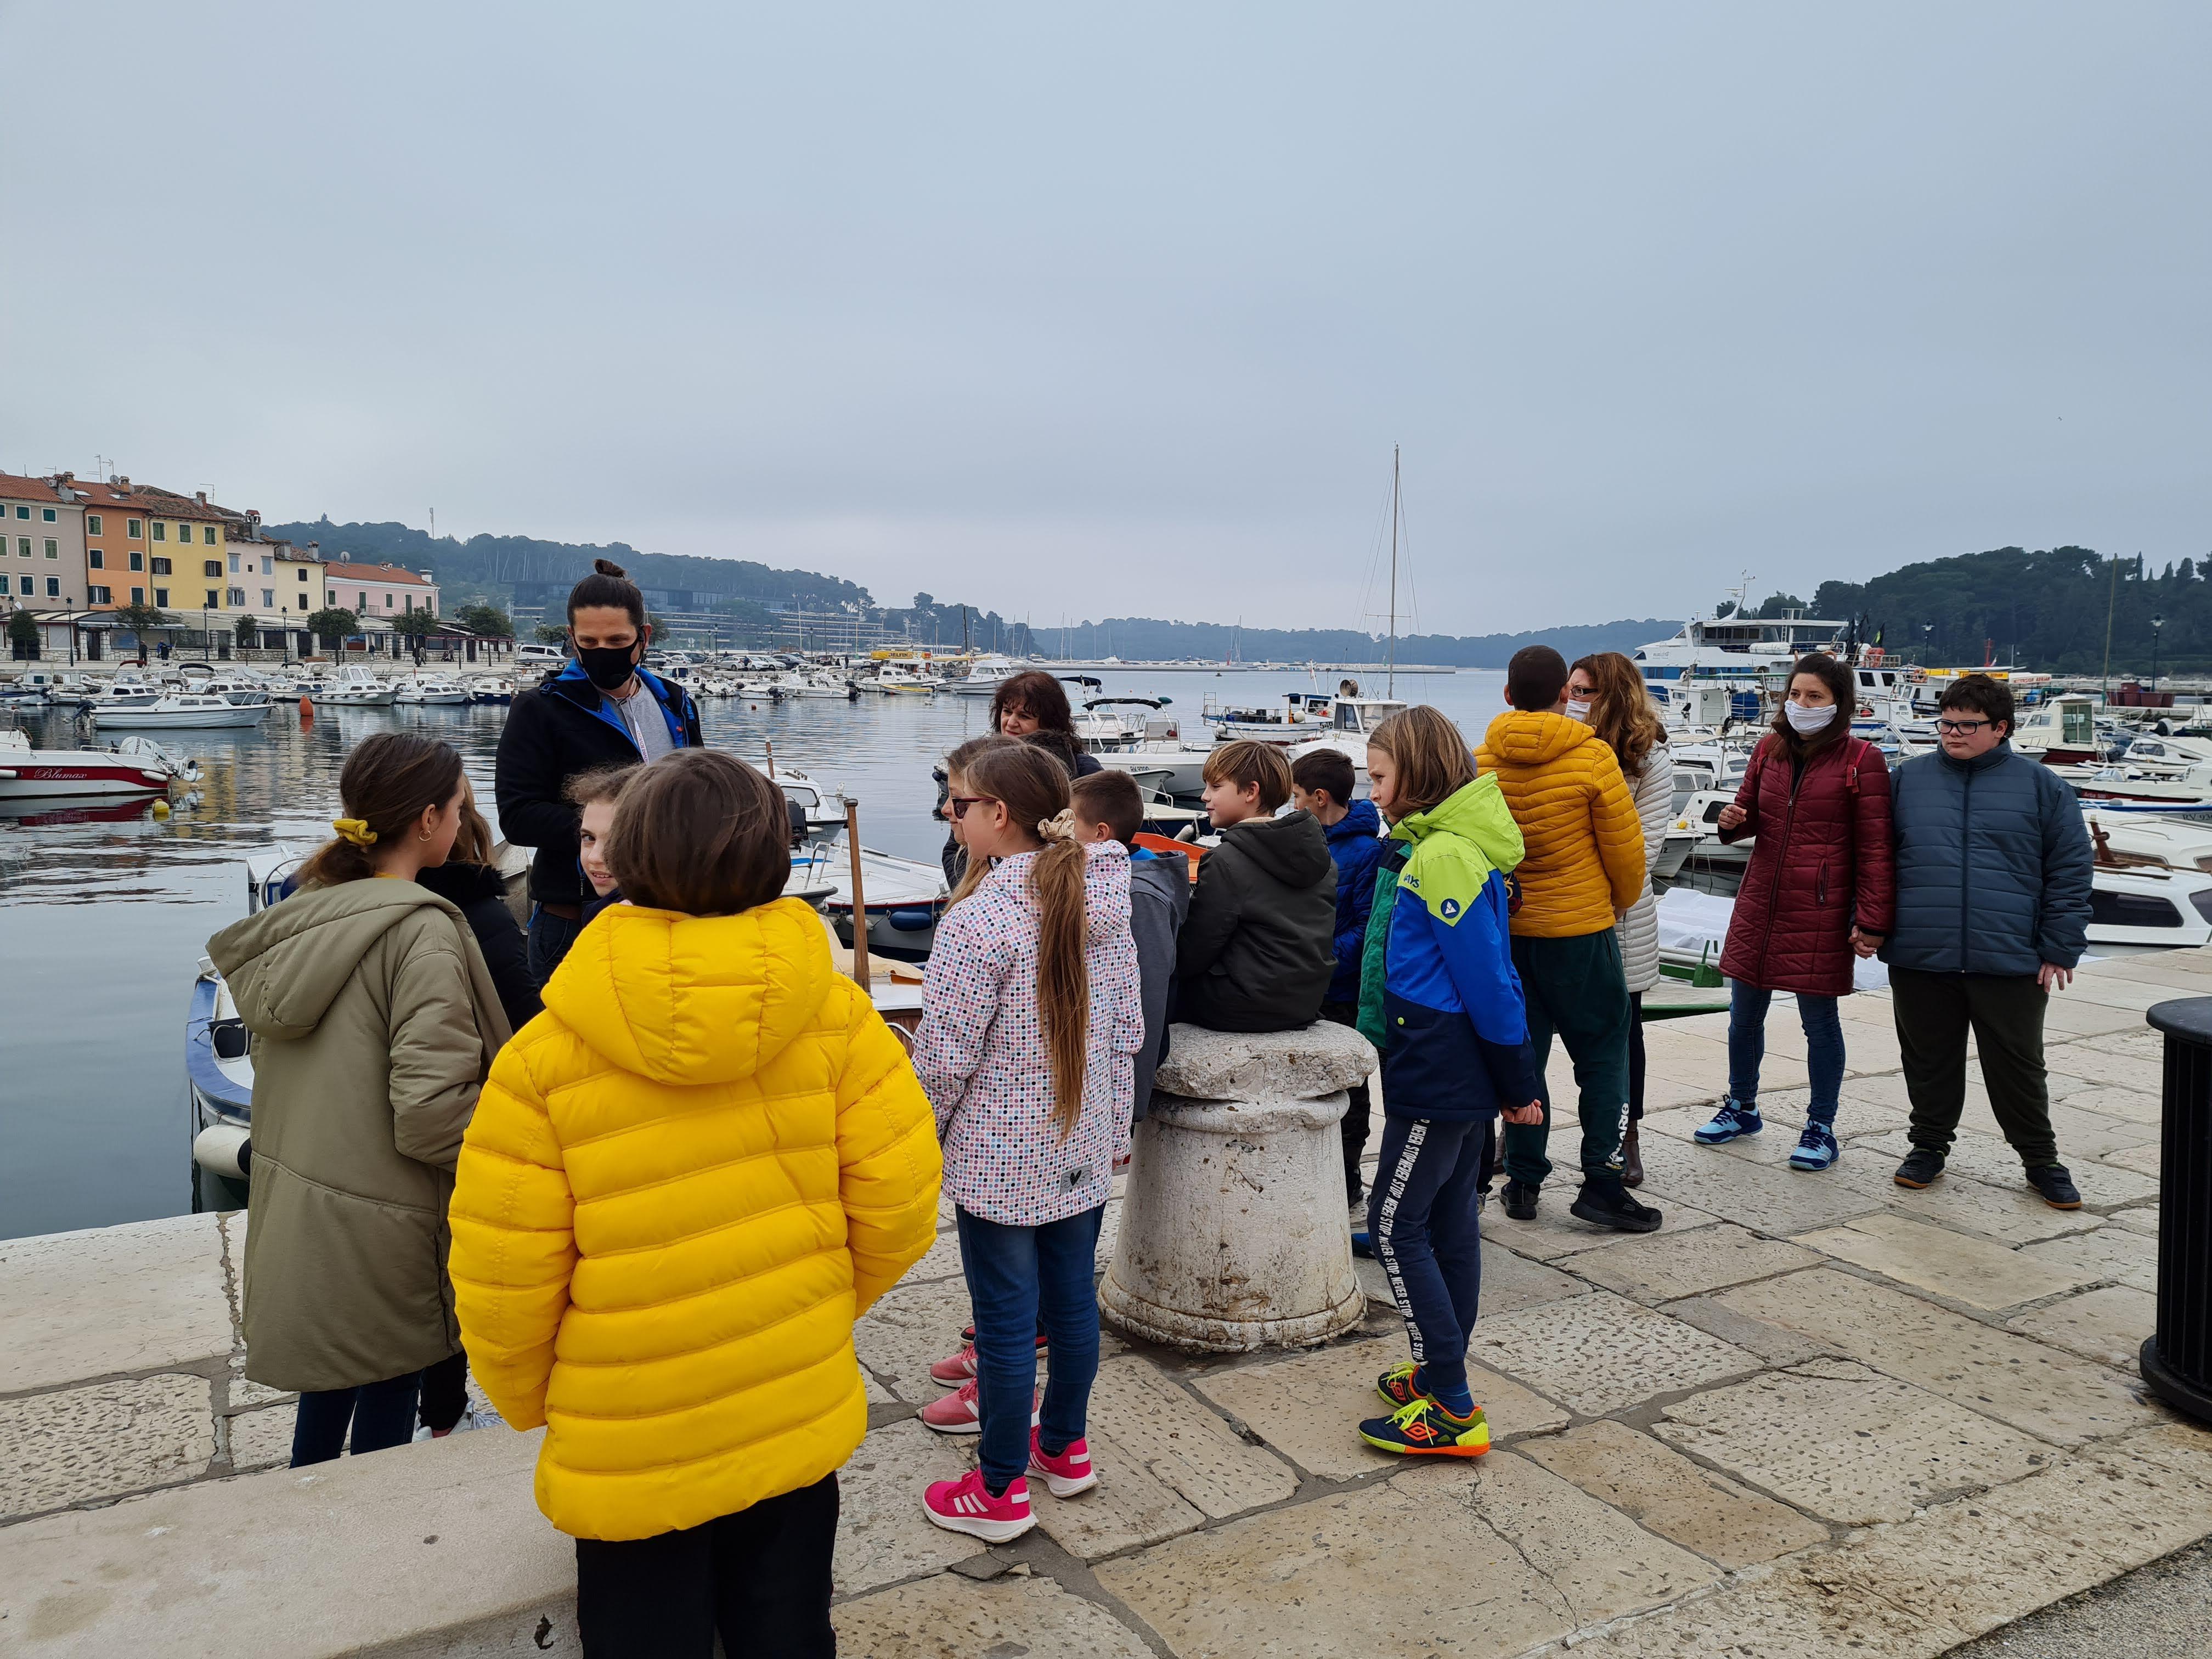 L'Associazione delle guide turistiche di Rovigno ha organizzato una visita gratuita della città per gli alunni delle scuole elementari di Rovigno